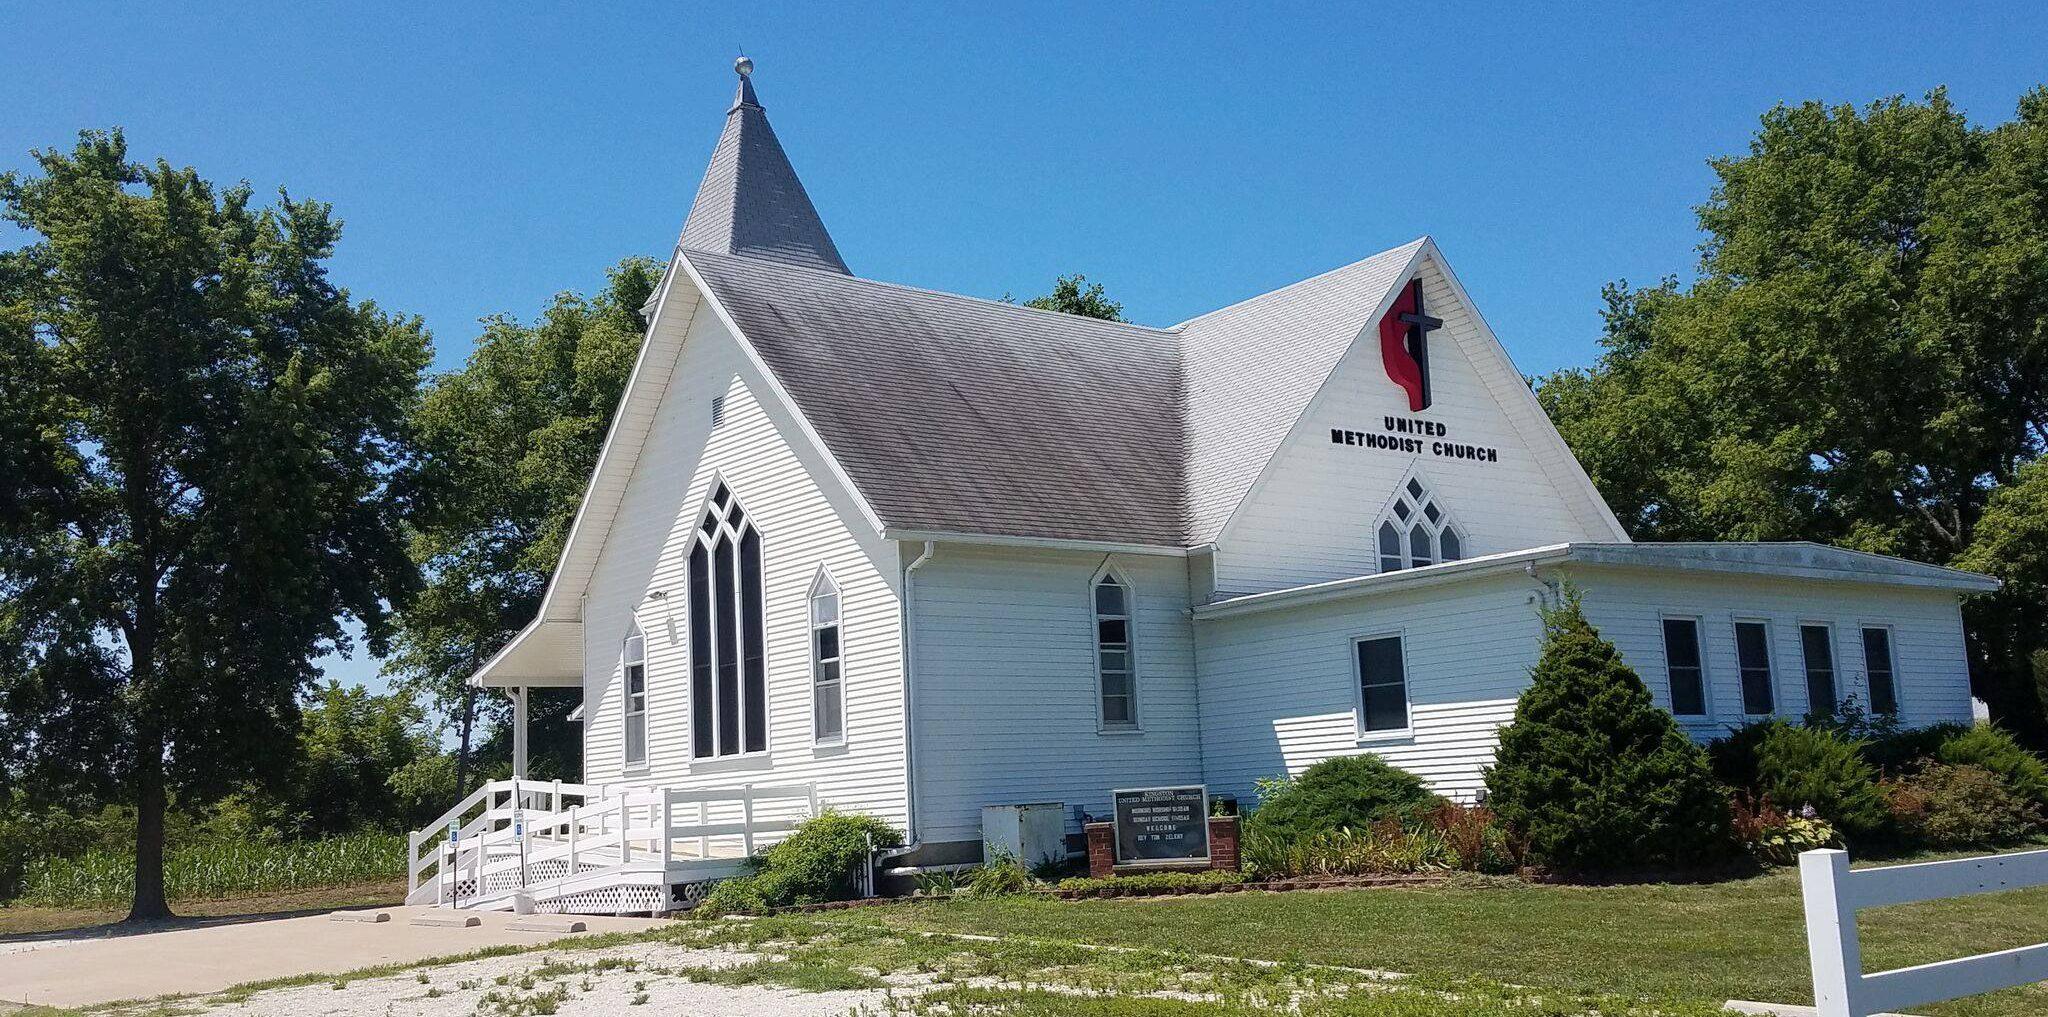 United Methodist Church, Kingston, IA